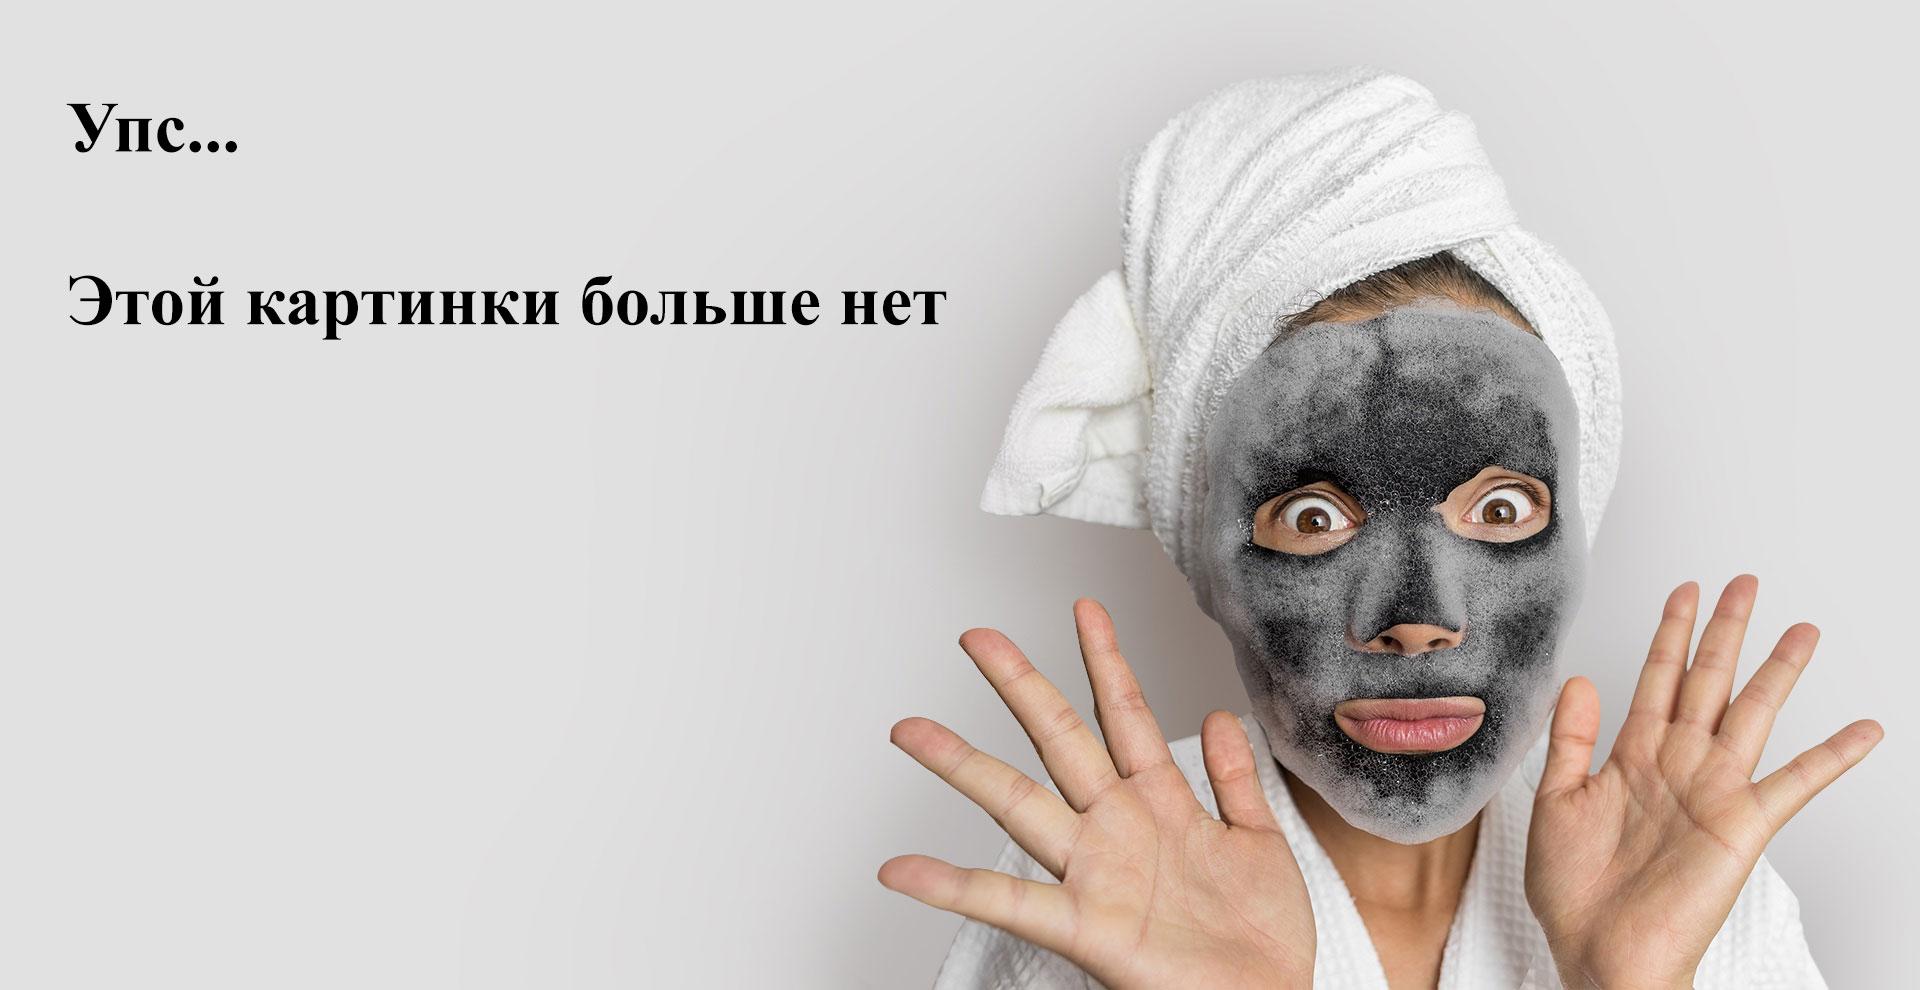 Patrisa Nail, Гель-лак «Про любовь» №410, На шпильках